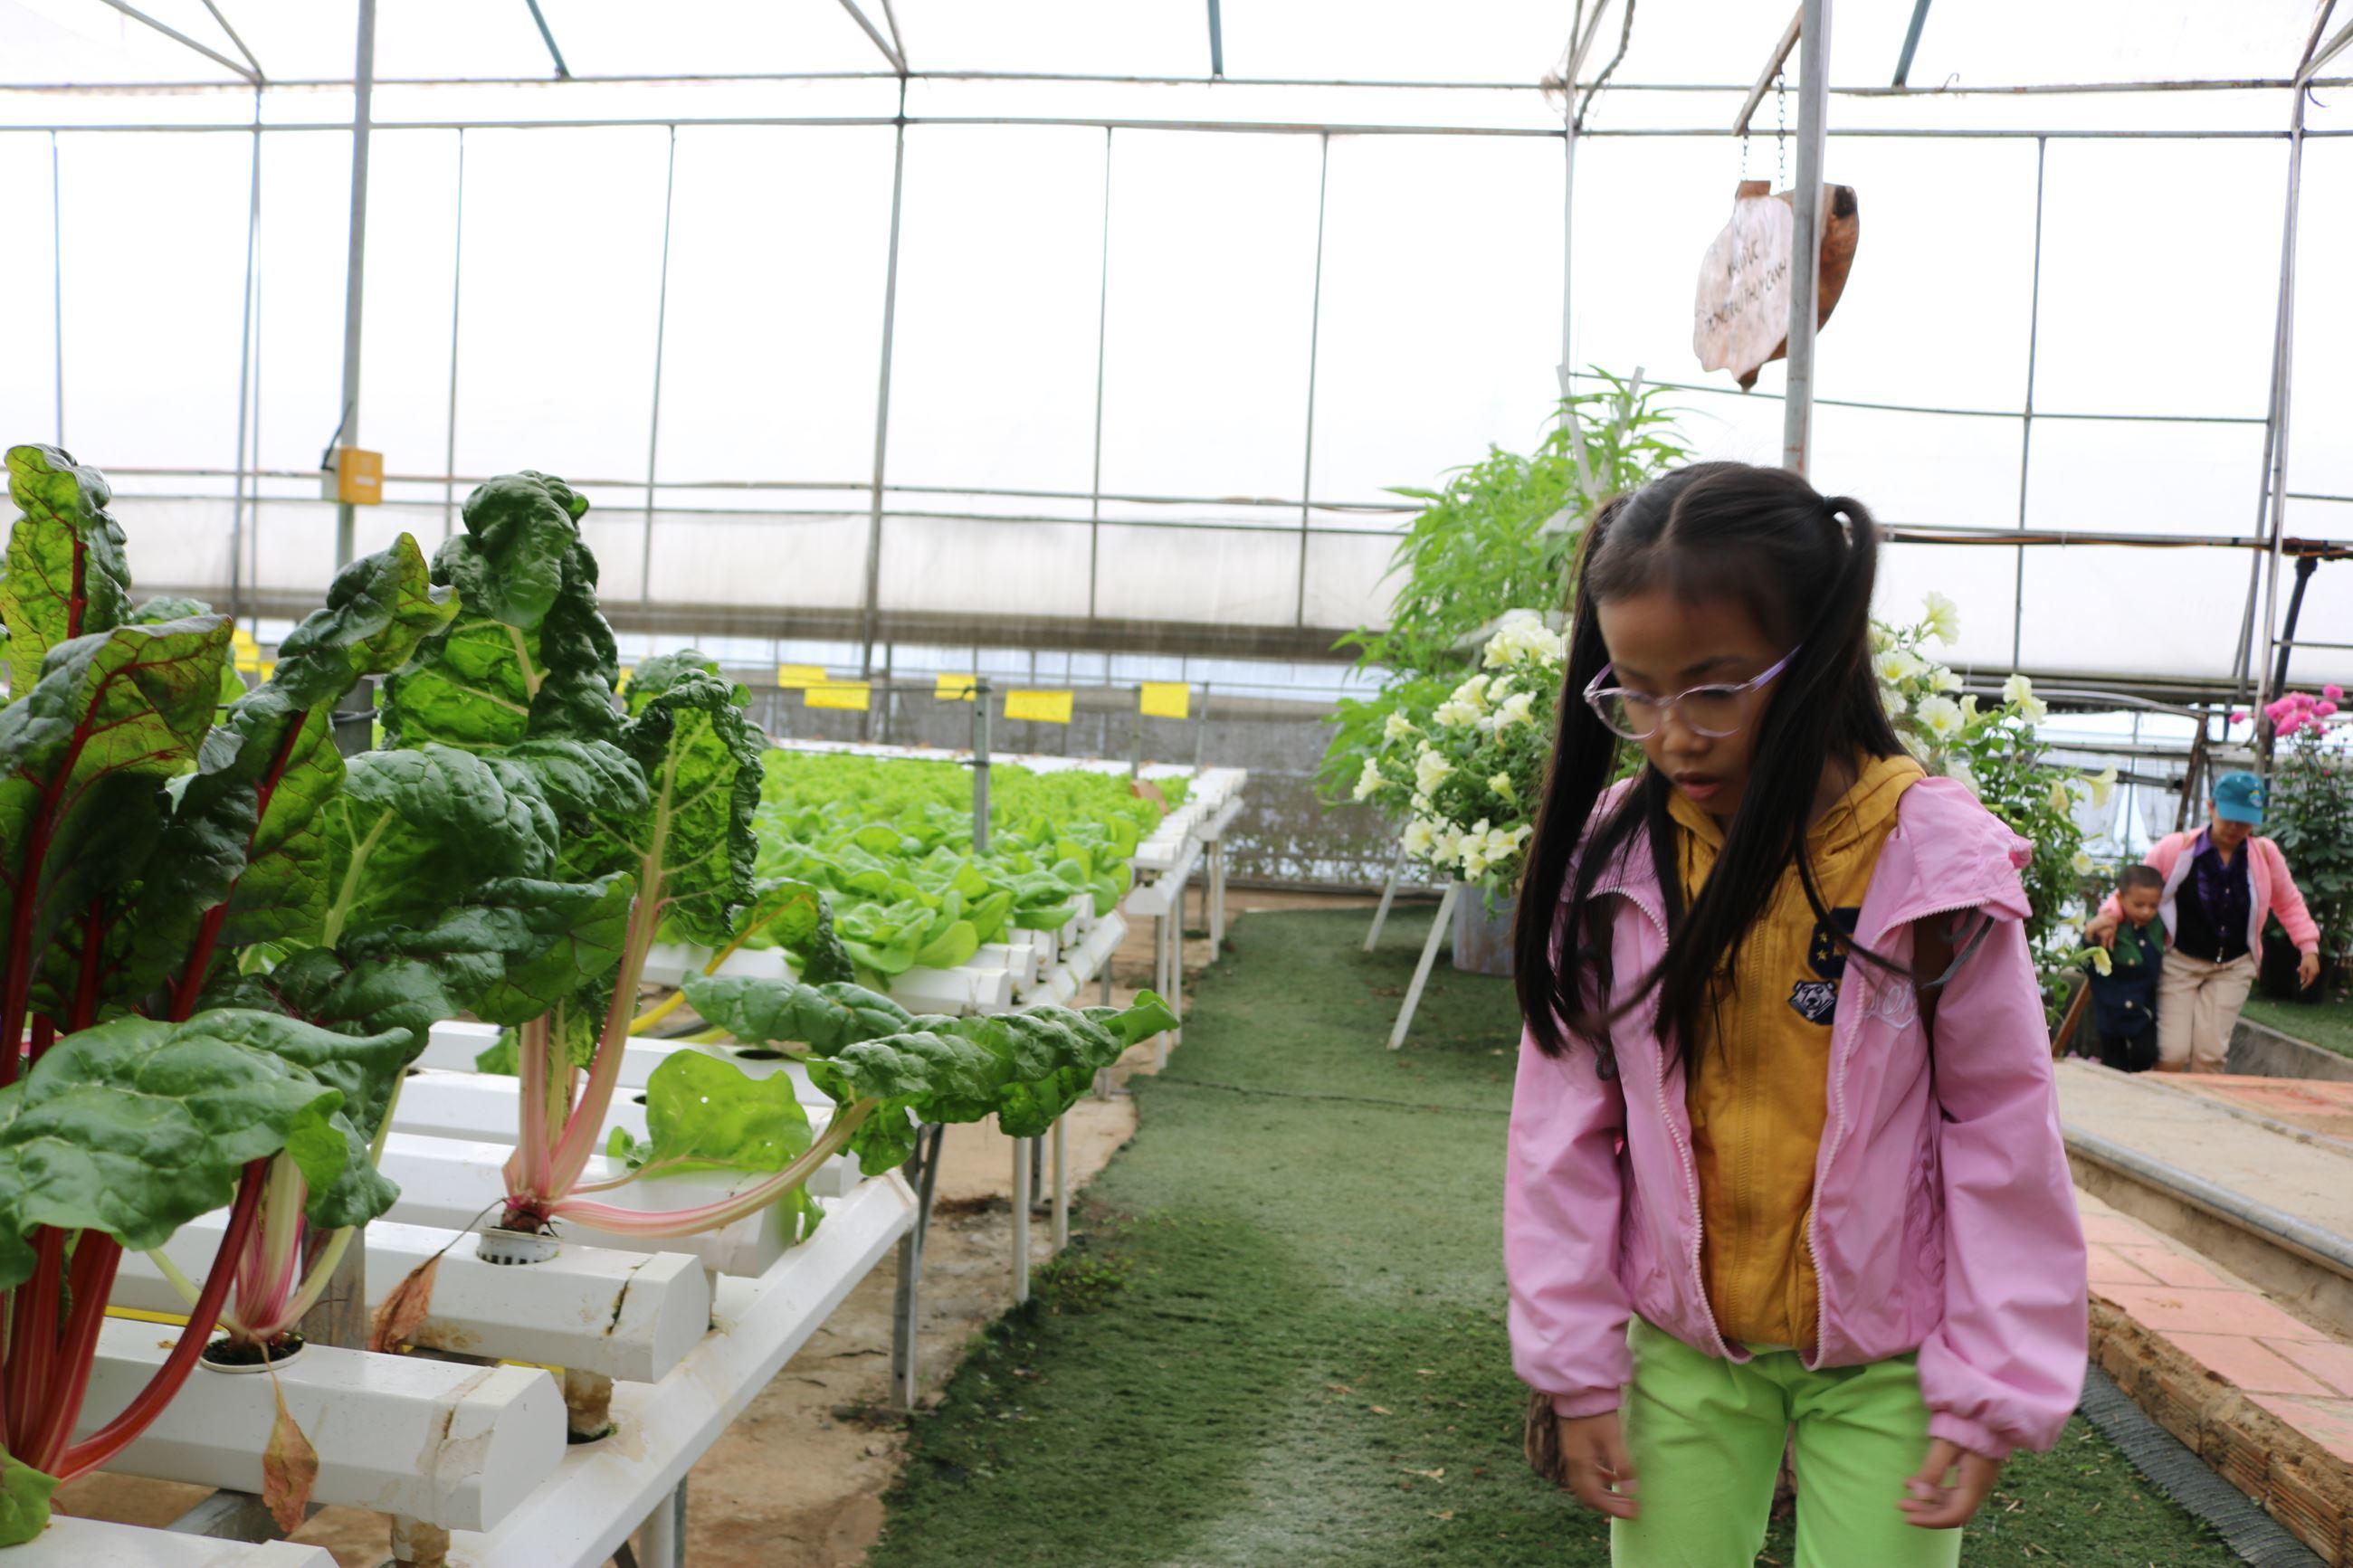 Những trẻ em trong một gia đình đến tìm hiểu và khám phá các nguồn rau cải, củ quả sạch tại Green Box, Tp. Đà Lạt, Ảnh: Khang Nguyễn | Vietkings.